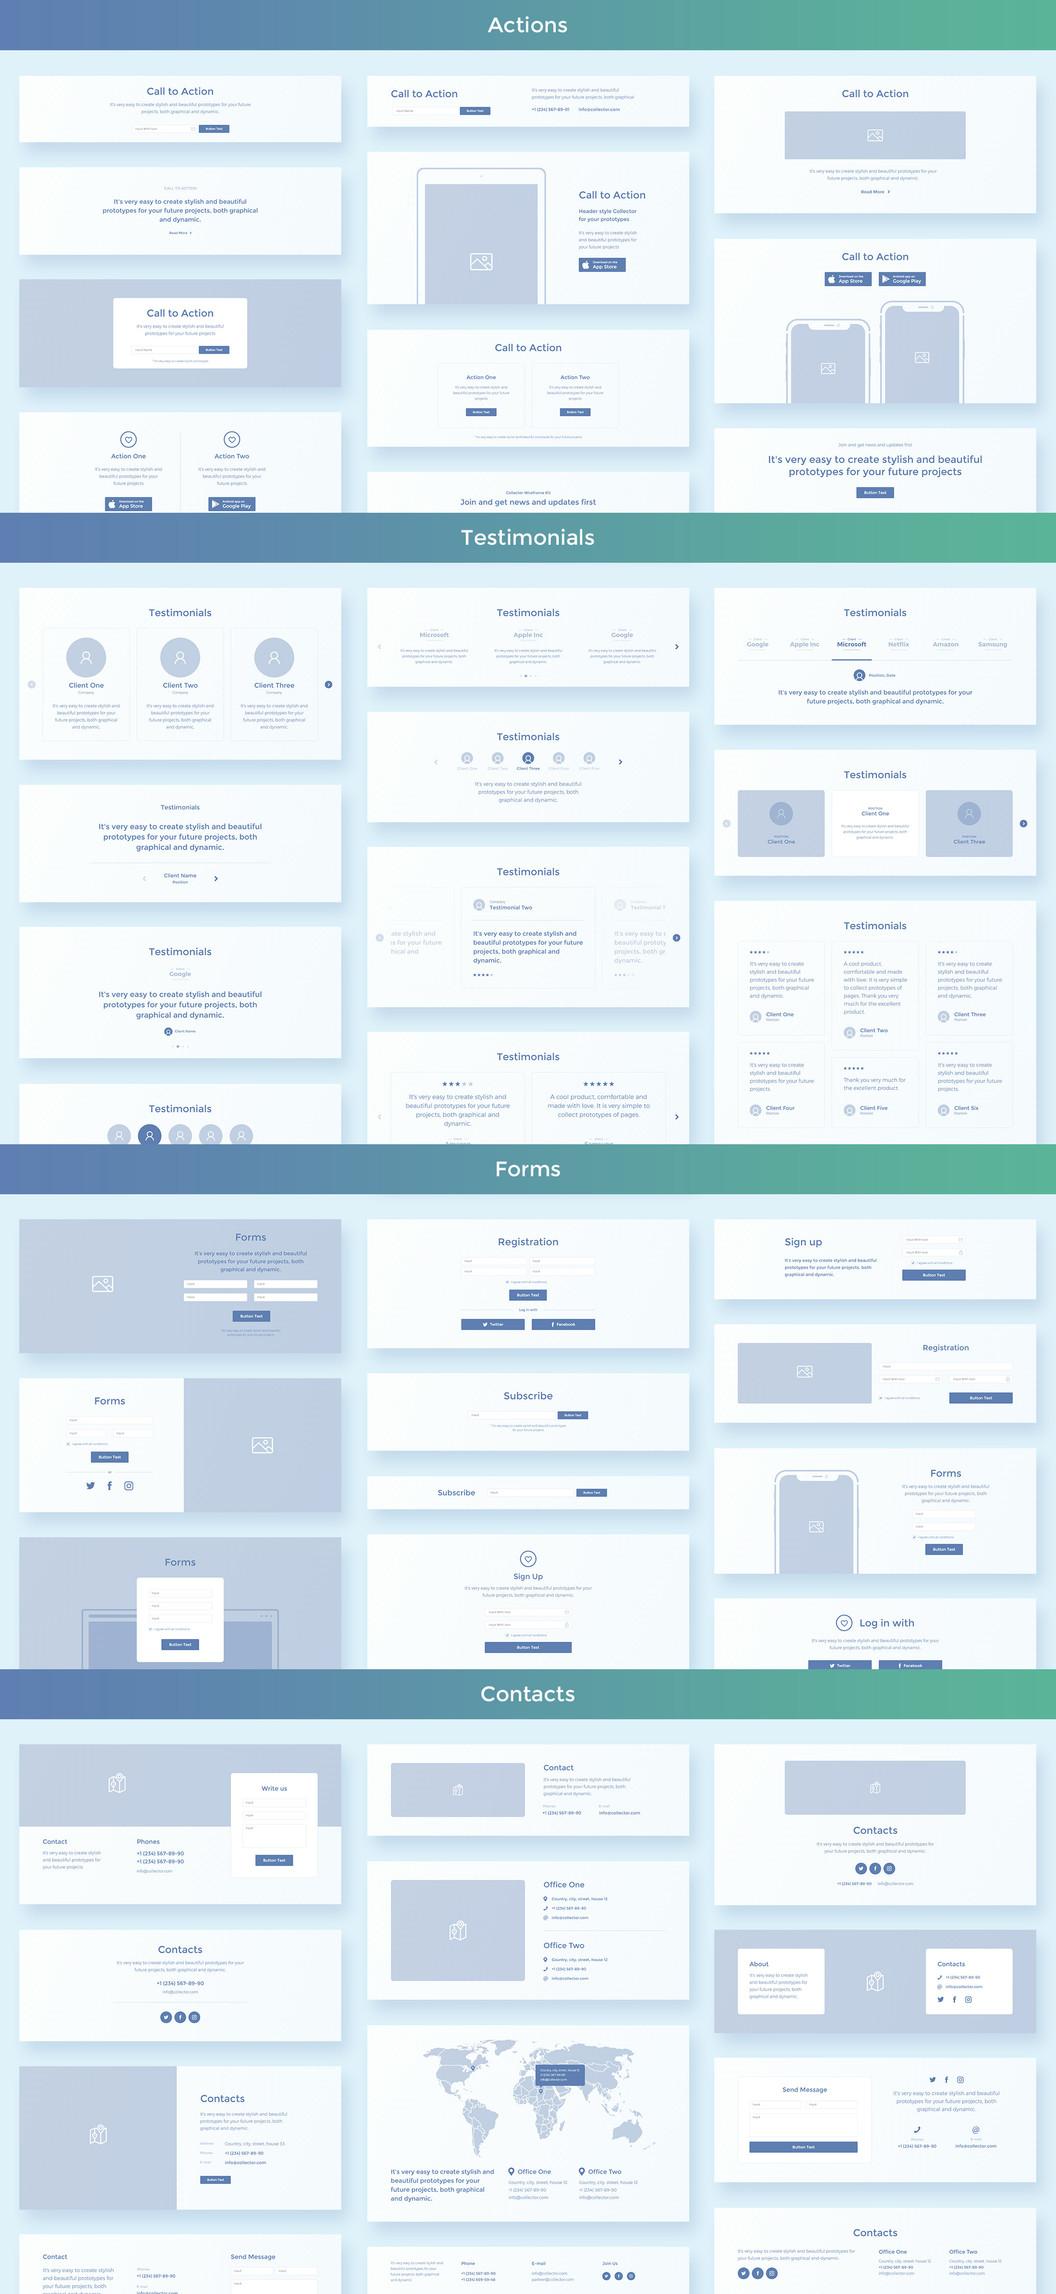 Комплект веб файрфреймов, Collector - Простой и удобный набор для прототипирования сайтов